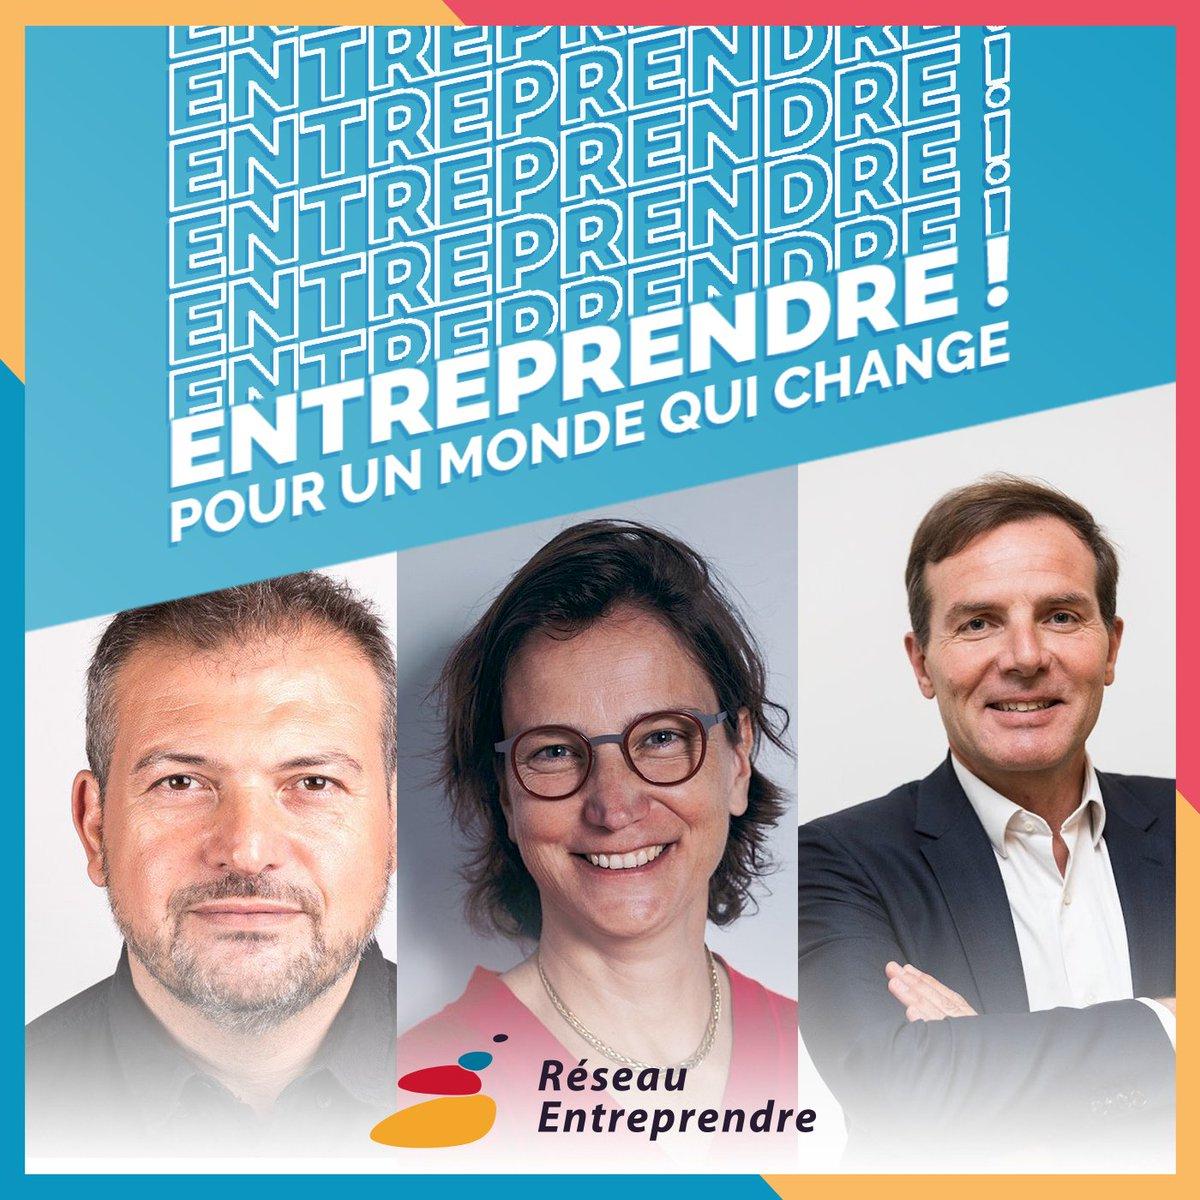 [Podcast] Dans ce 1er épisode, nos 3 invités vous encouragent à vous engager dans l'entrepreneuriat, encore + en temps de temps de crise : @Jeromeschatzman, #ESSEC, Delphine Carpier, @emploitemporis et Olivier de la Chevasnerie, président de RE. 👉 https://t.co/VZmO7LYFBJ https://t.co/pqeuQjEHov